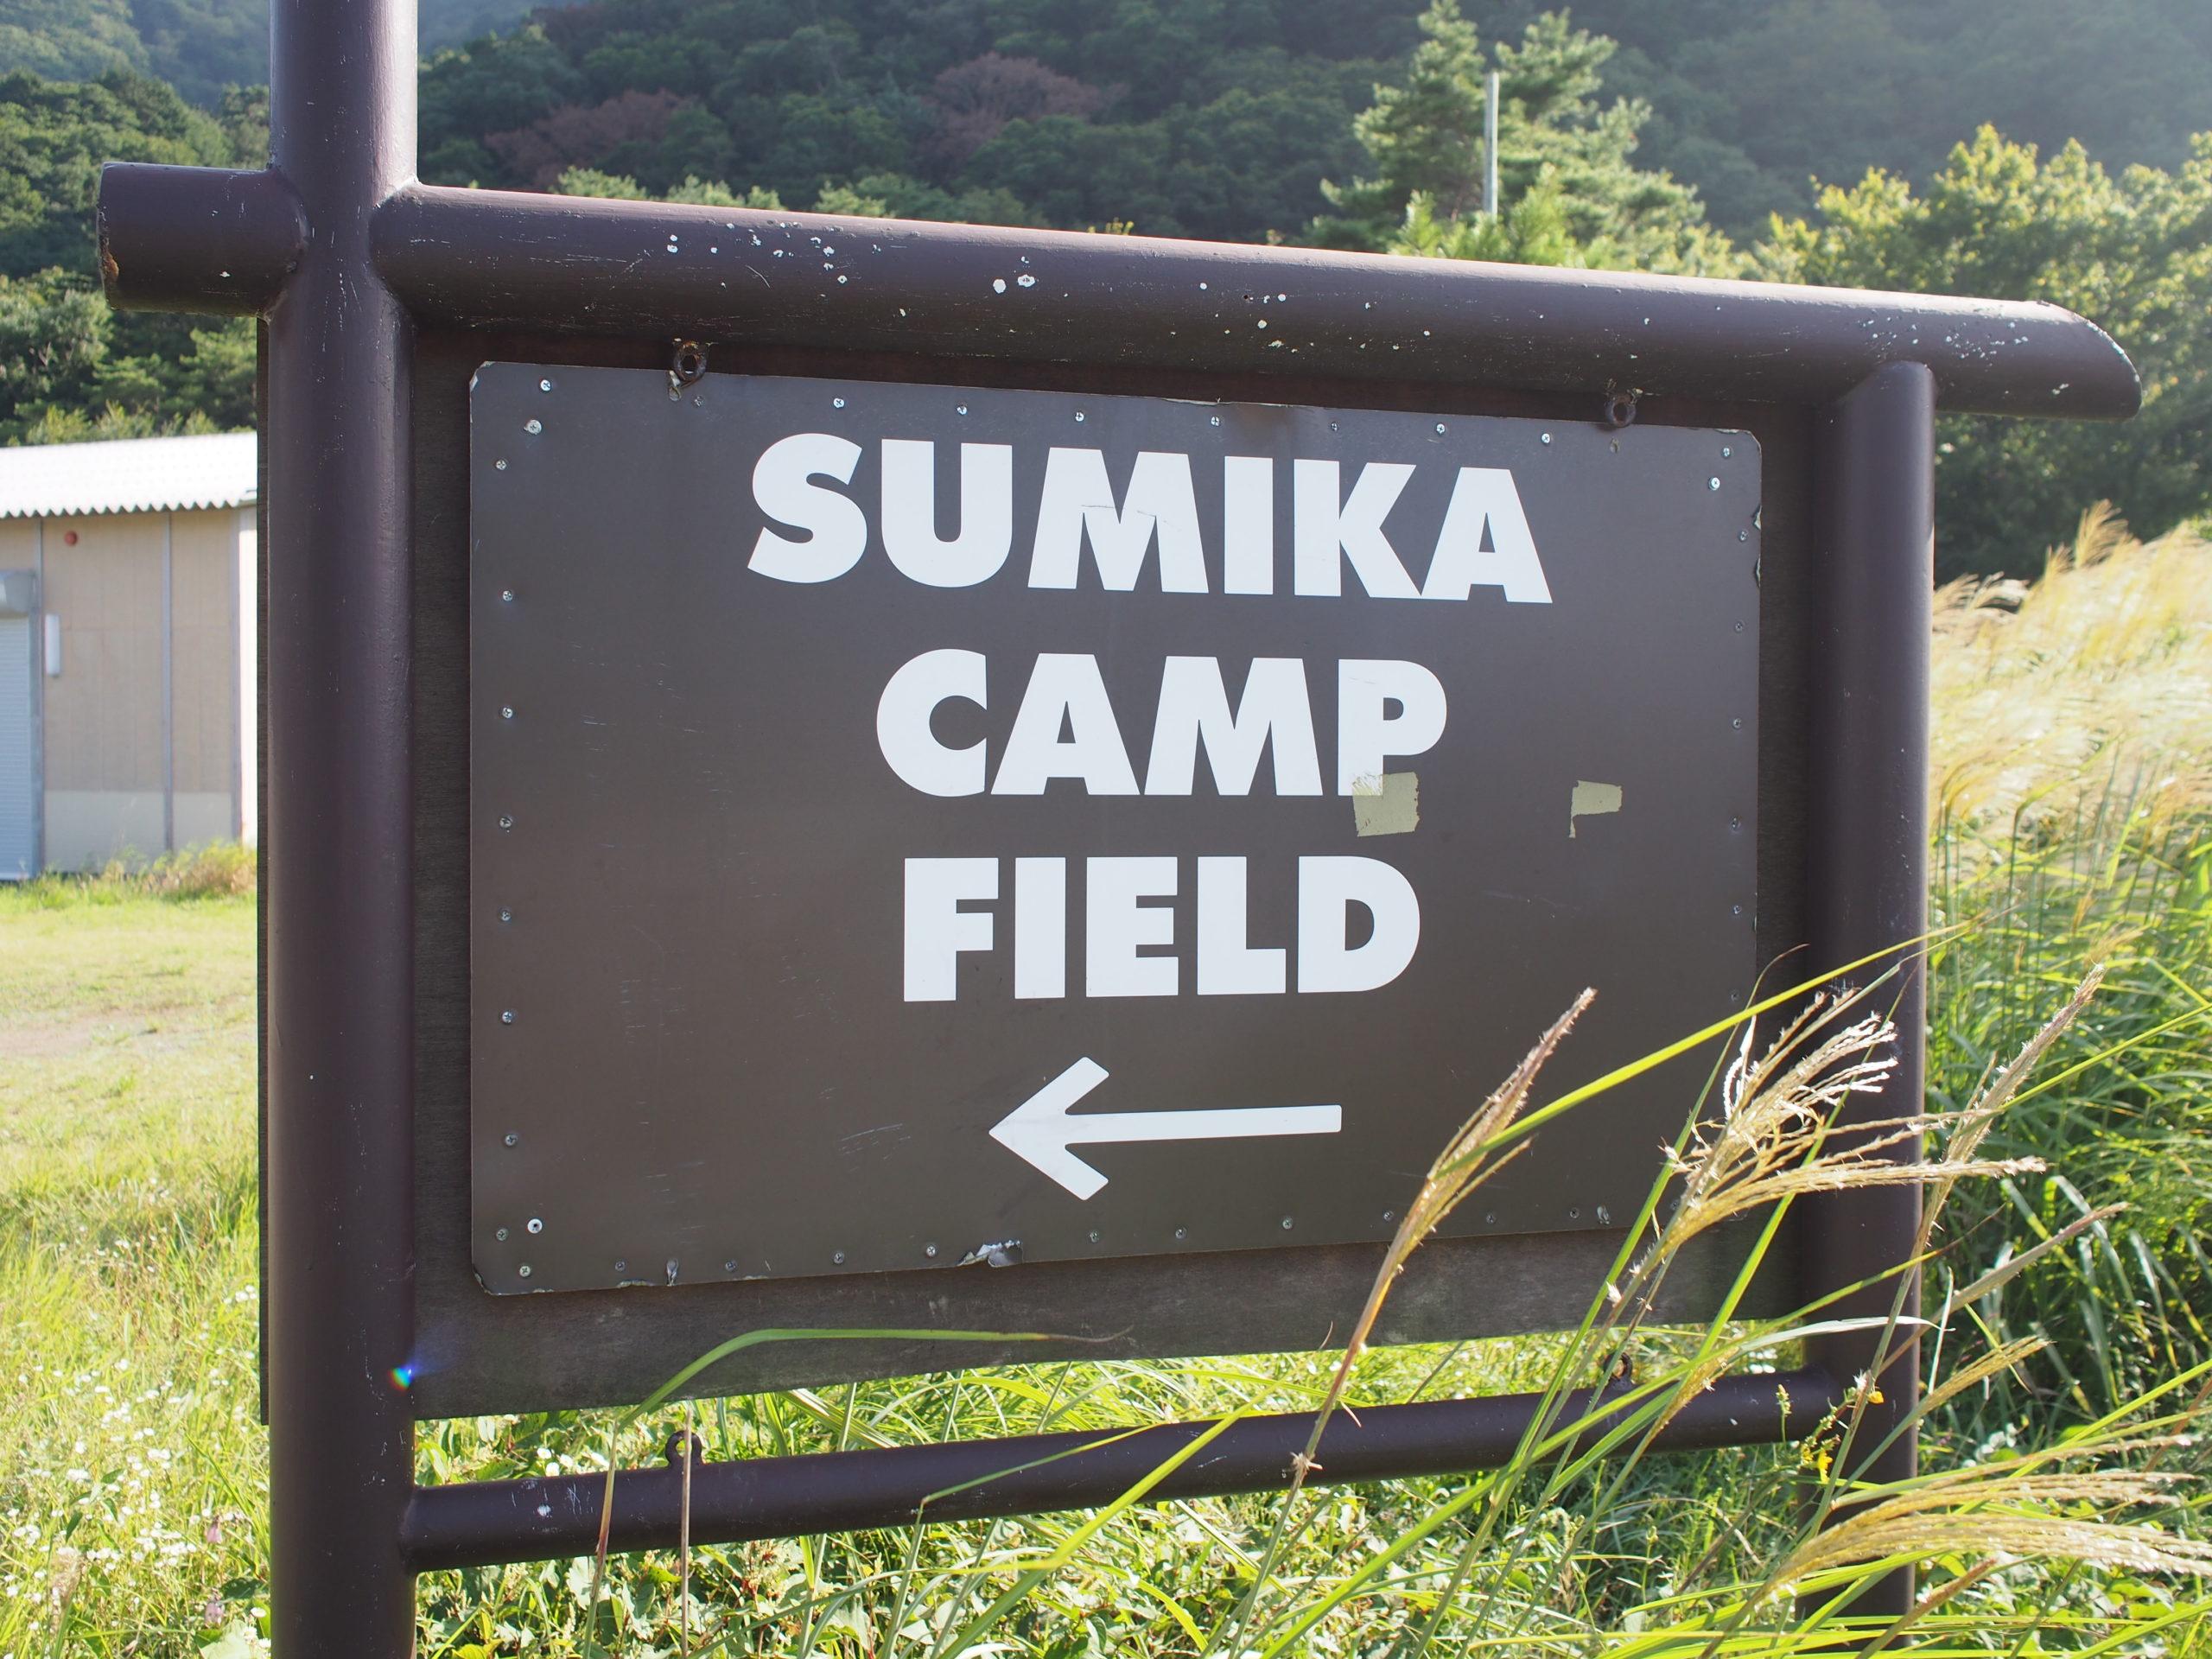 スミカキャンプフィールド(SUMIKA CAMP FIELD)